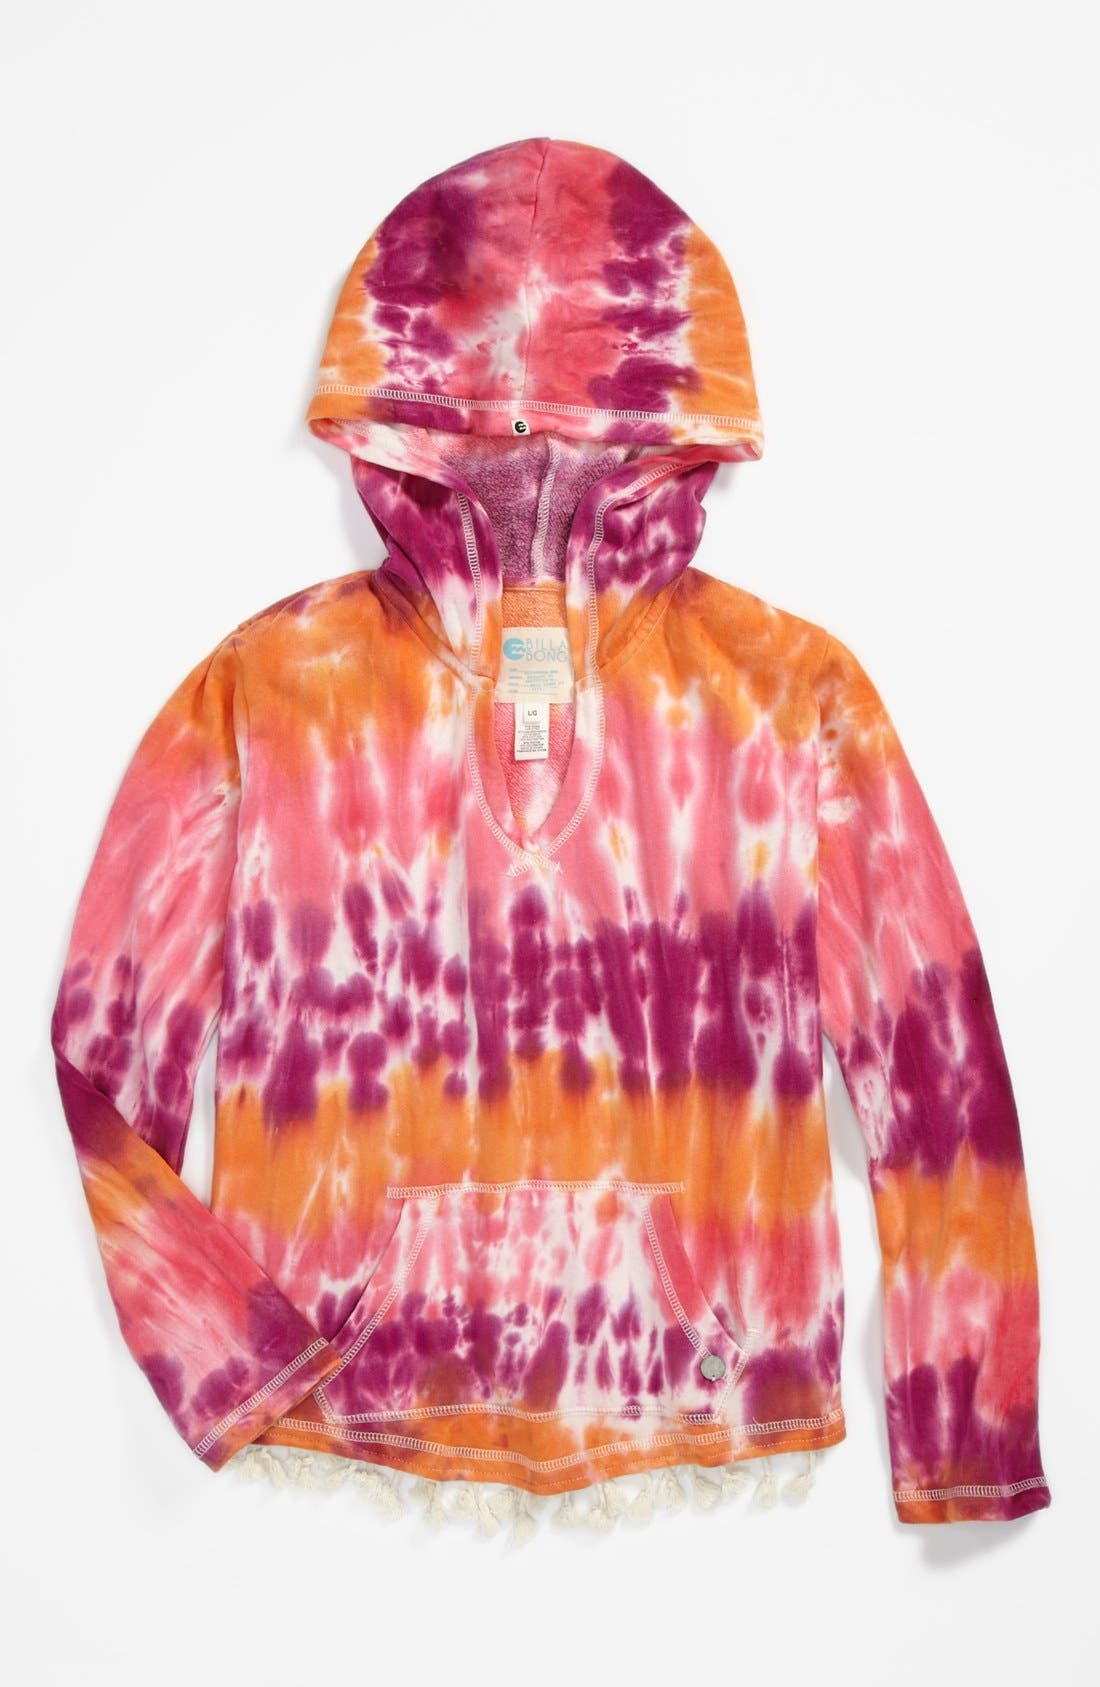 Alternate Image 1 Selected - Billabong 'Down the Road' Tie Dye Hoodie (Big Girls)